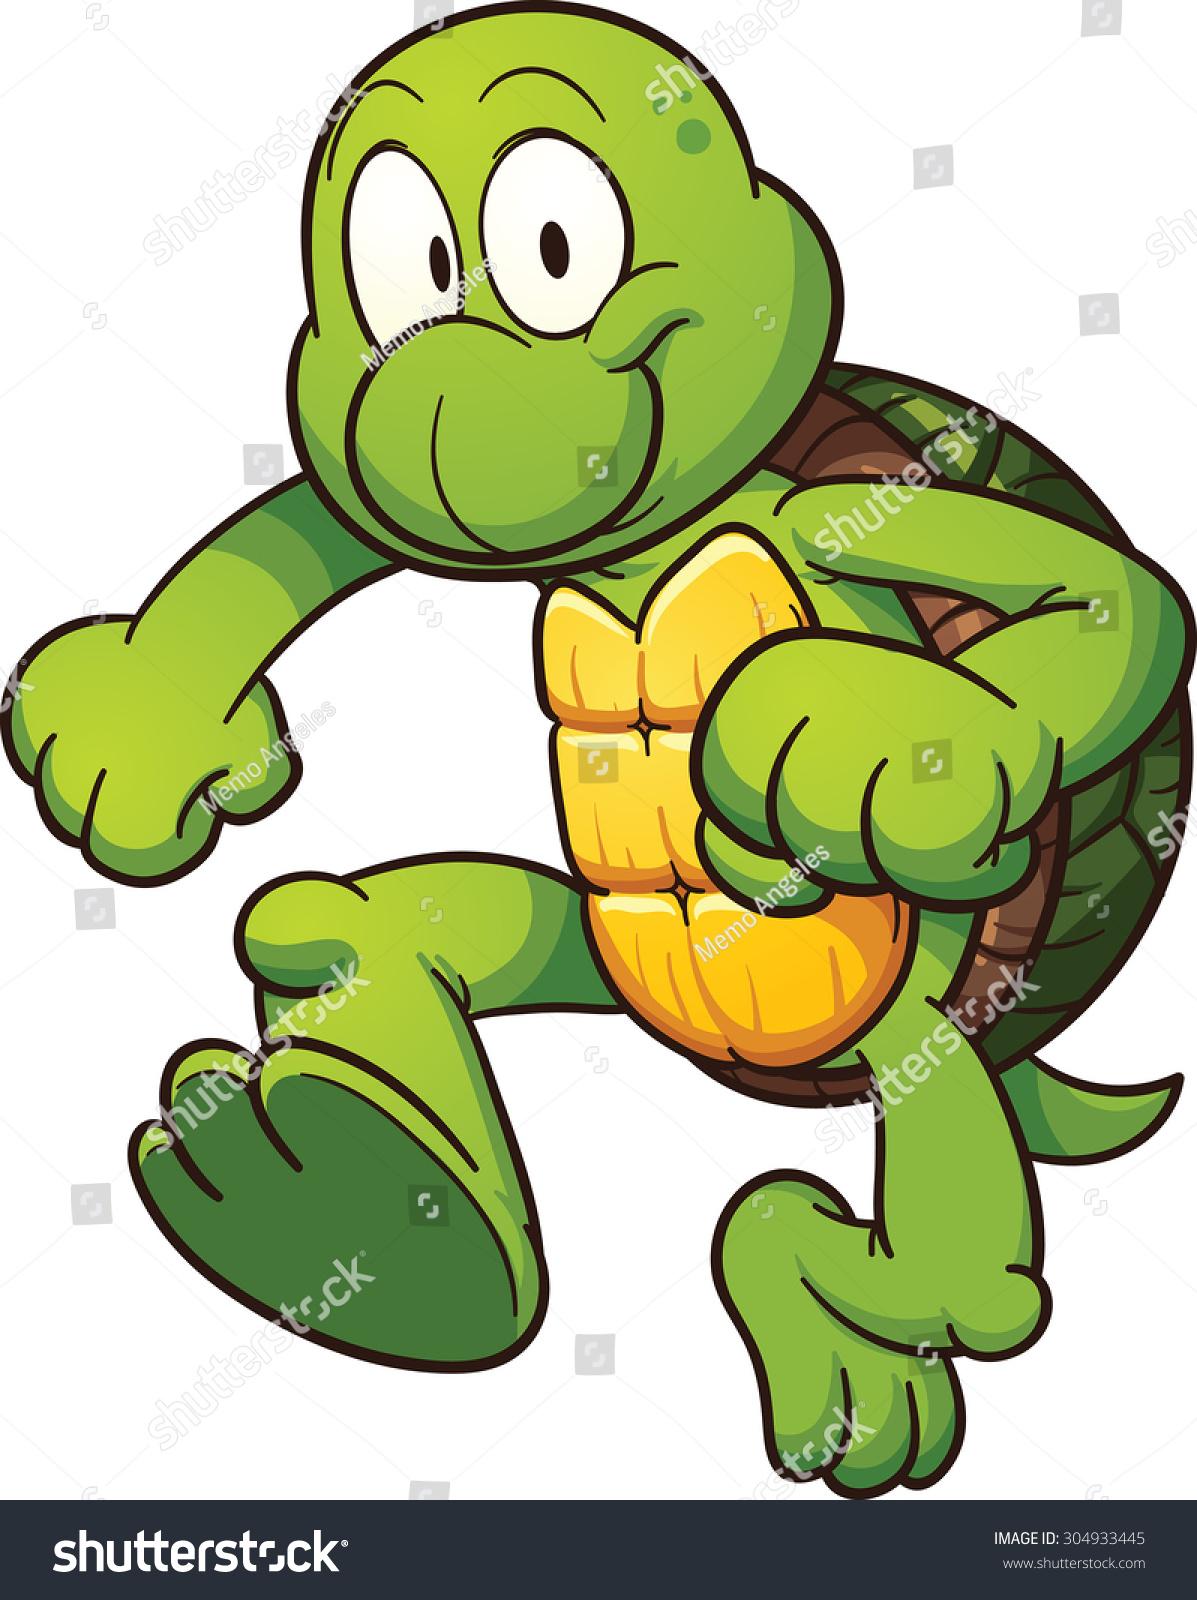 可爱的卡通龟.使用简单的梯度向量剪贴画插图